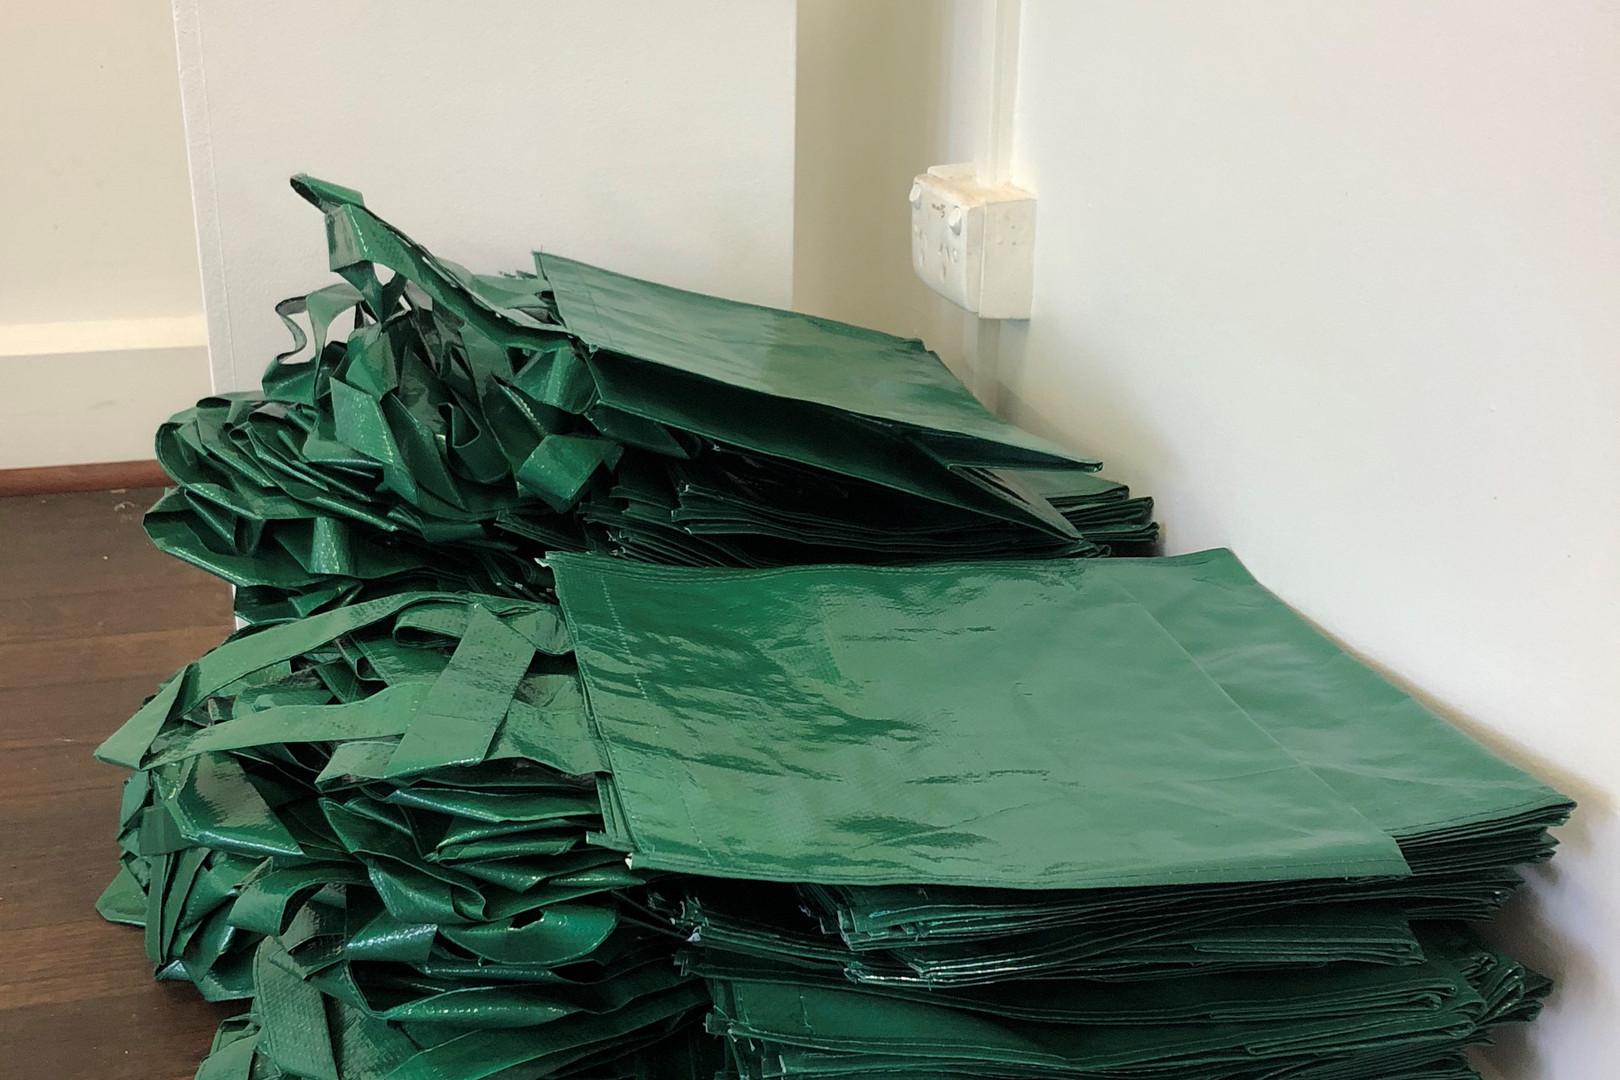 Ten Plastic Bags, Img 16